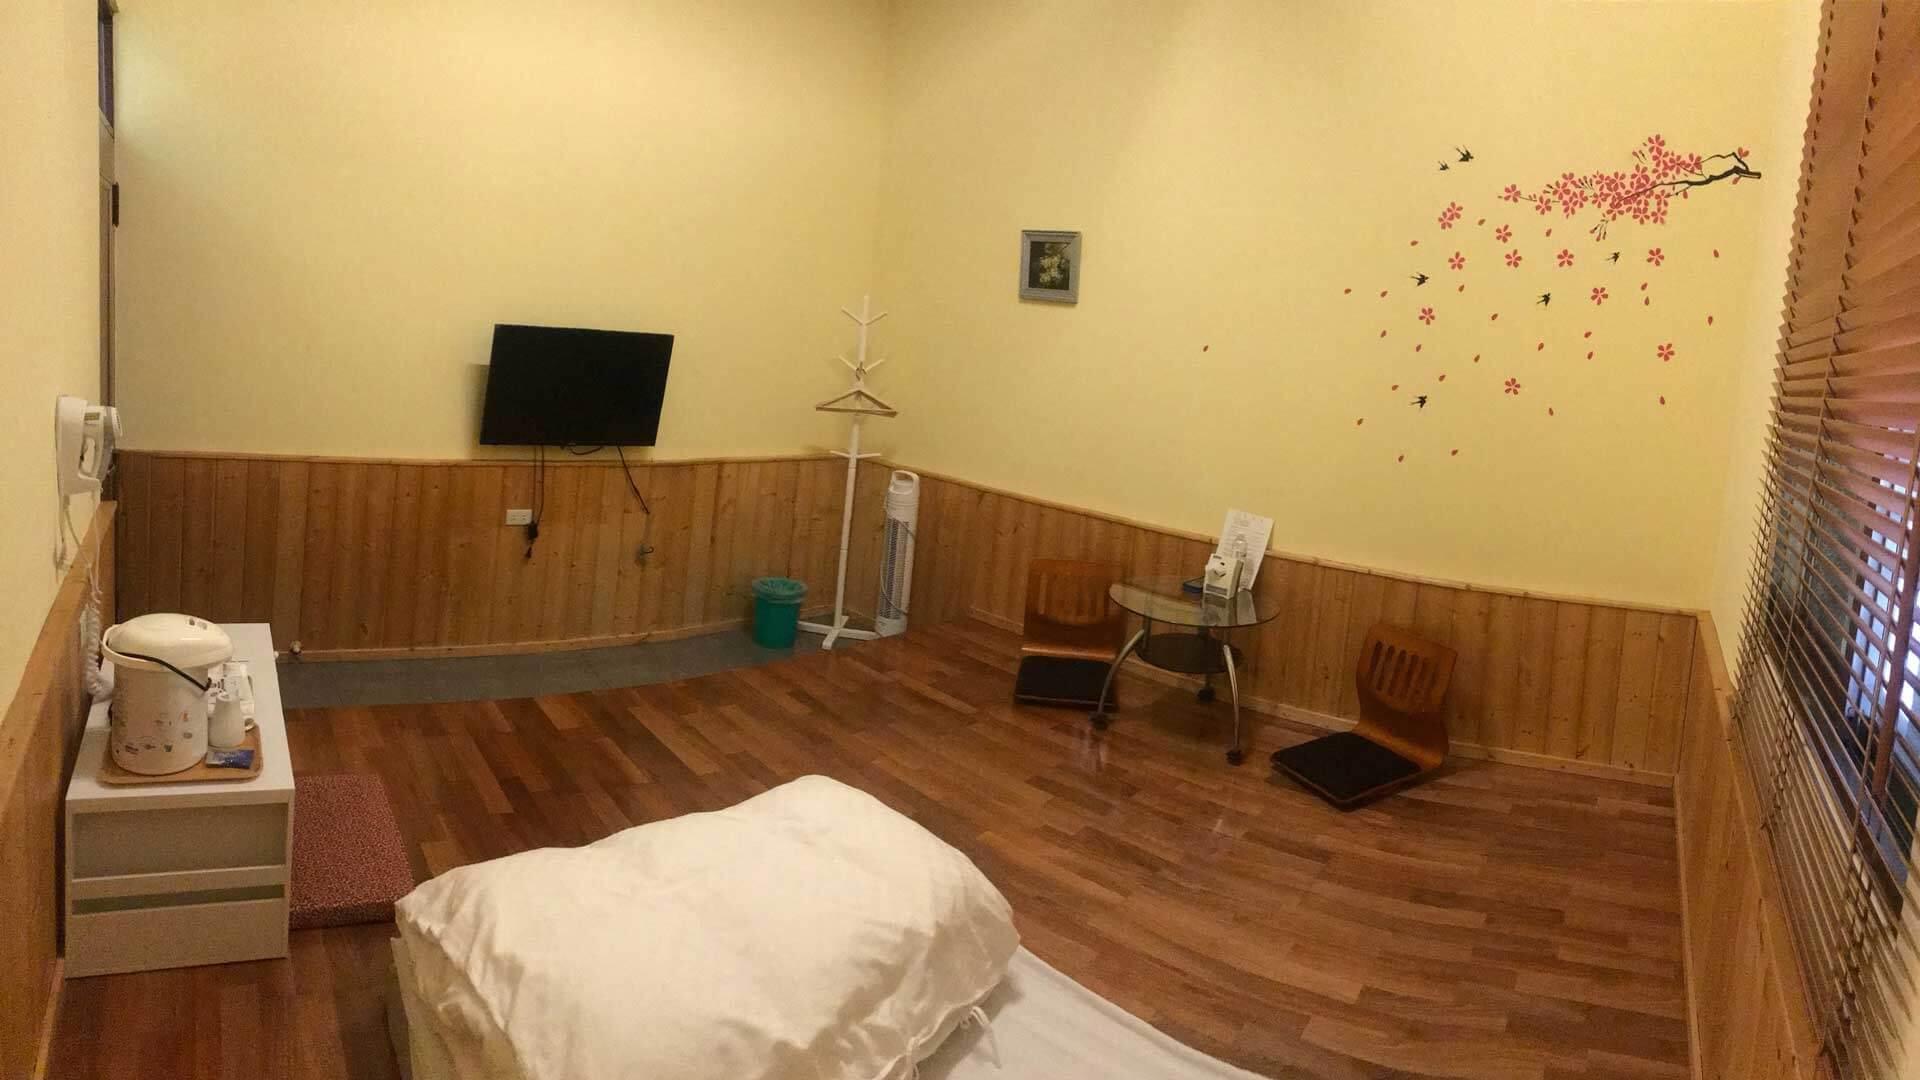 和室雅房(浴室在外) 相片來源:清境天祥景觀民宿